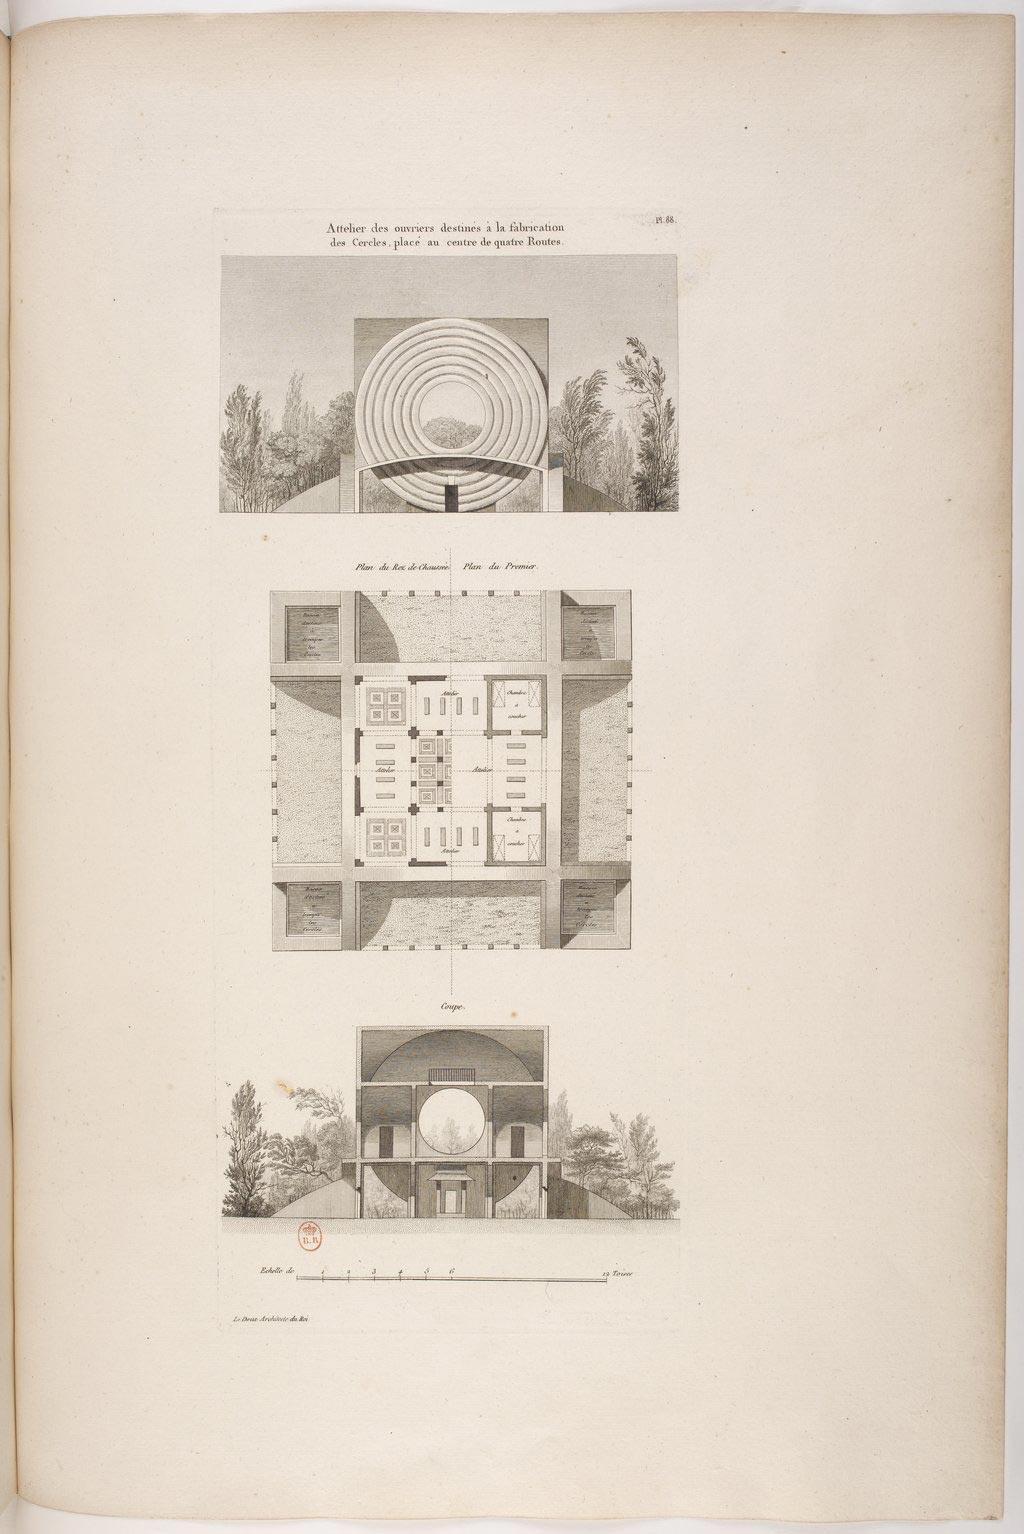 ledoux-claude-architecture-409